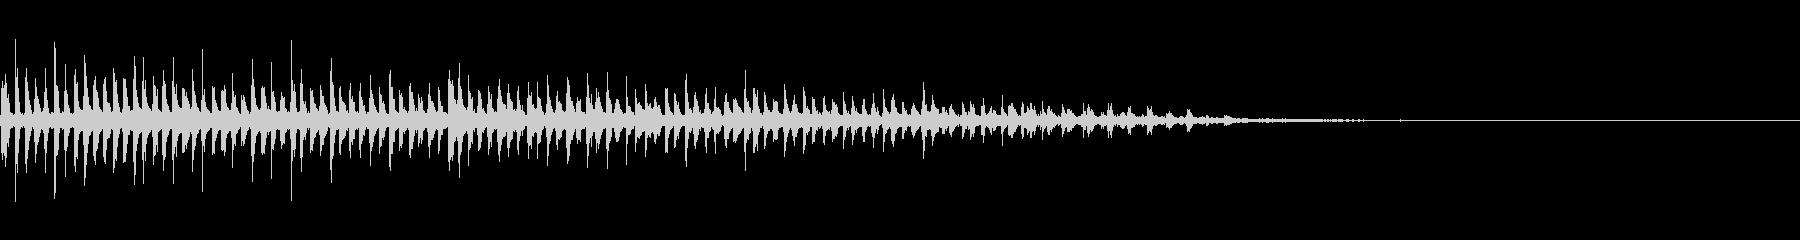 ビブラスラップの音の未再生の波形